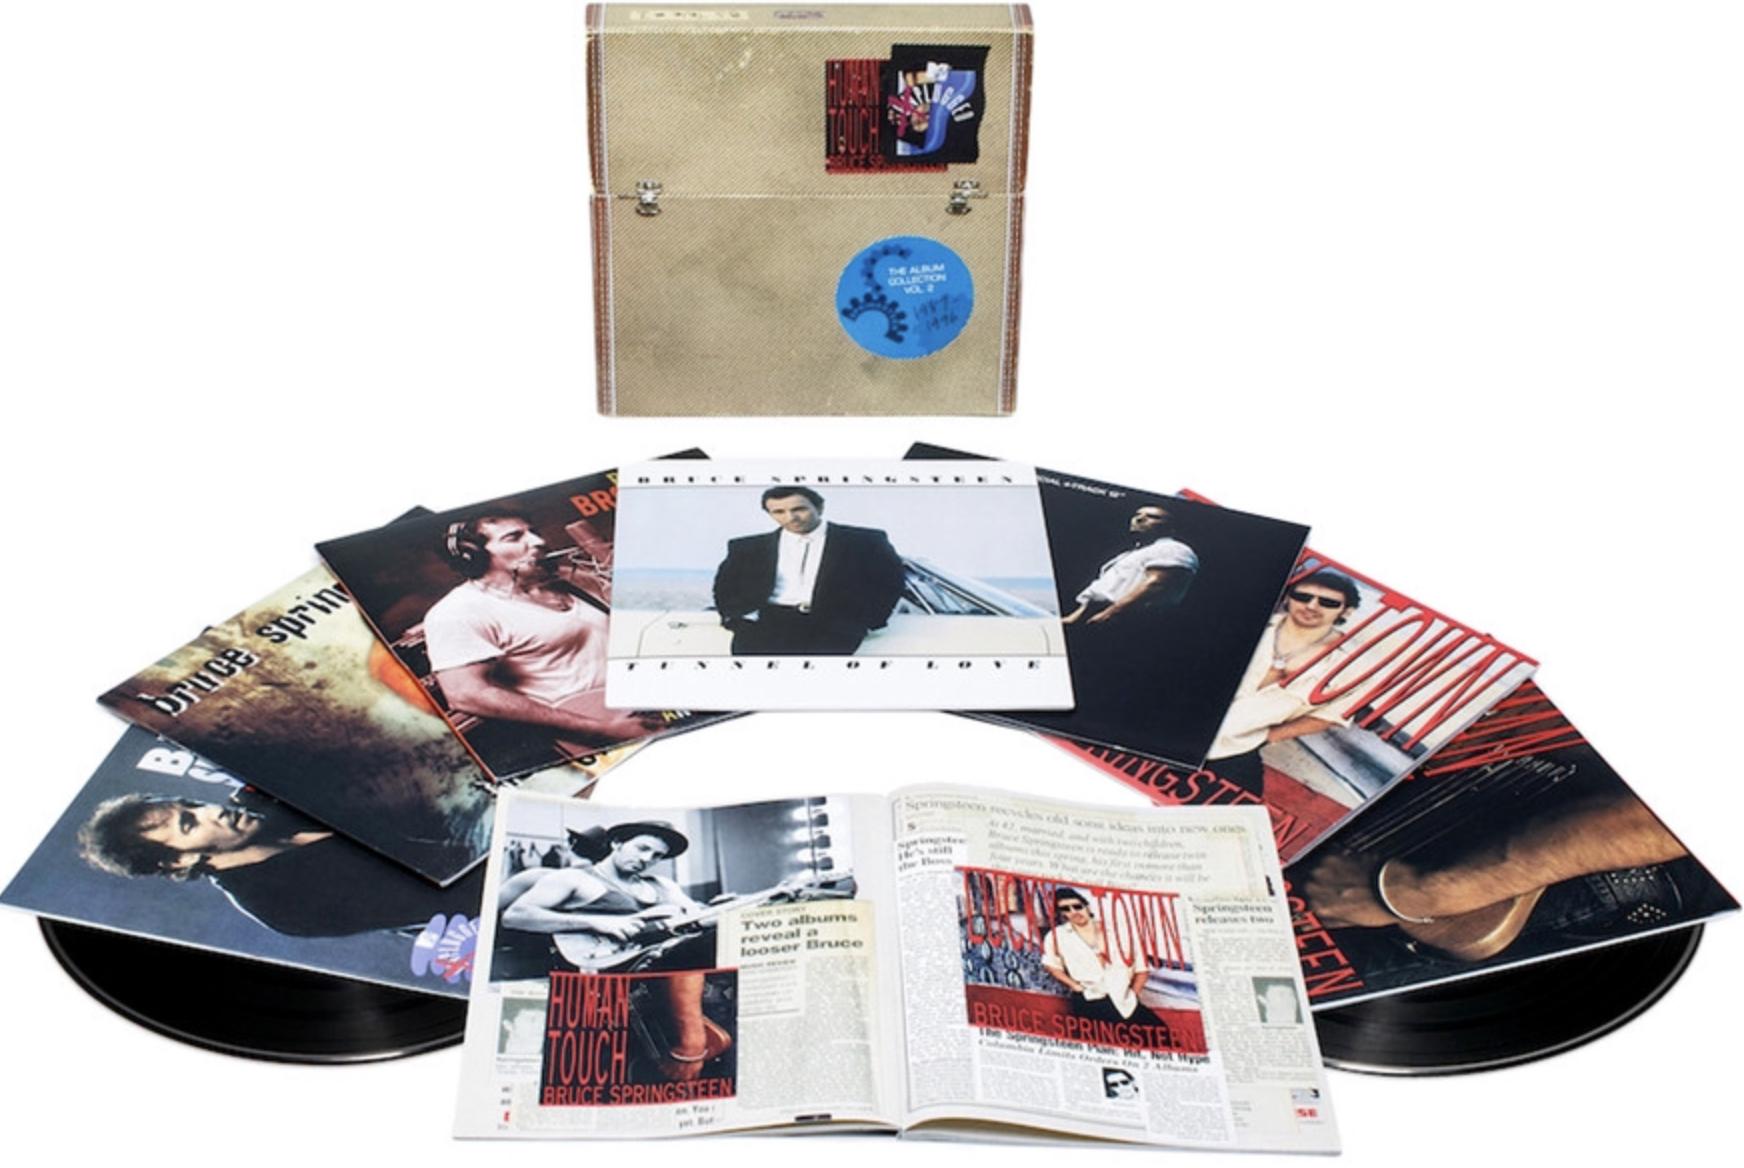 Bruce Springsteen - The Vinyl Album Collection Vol. 2, 1987-1996 10 LPs für 106,52€ inkl. Versandkosten [AmazonFR]